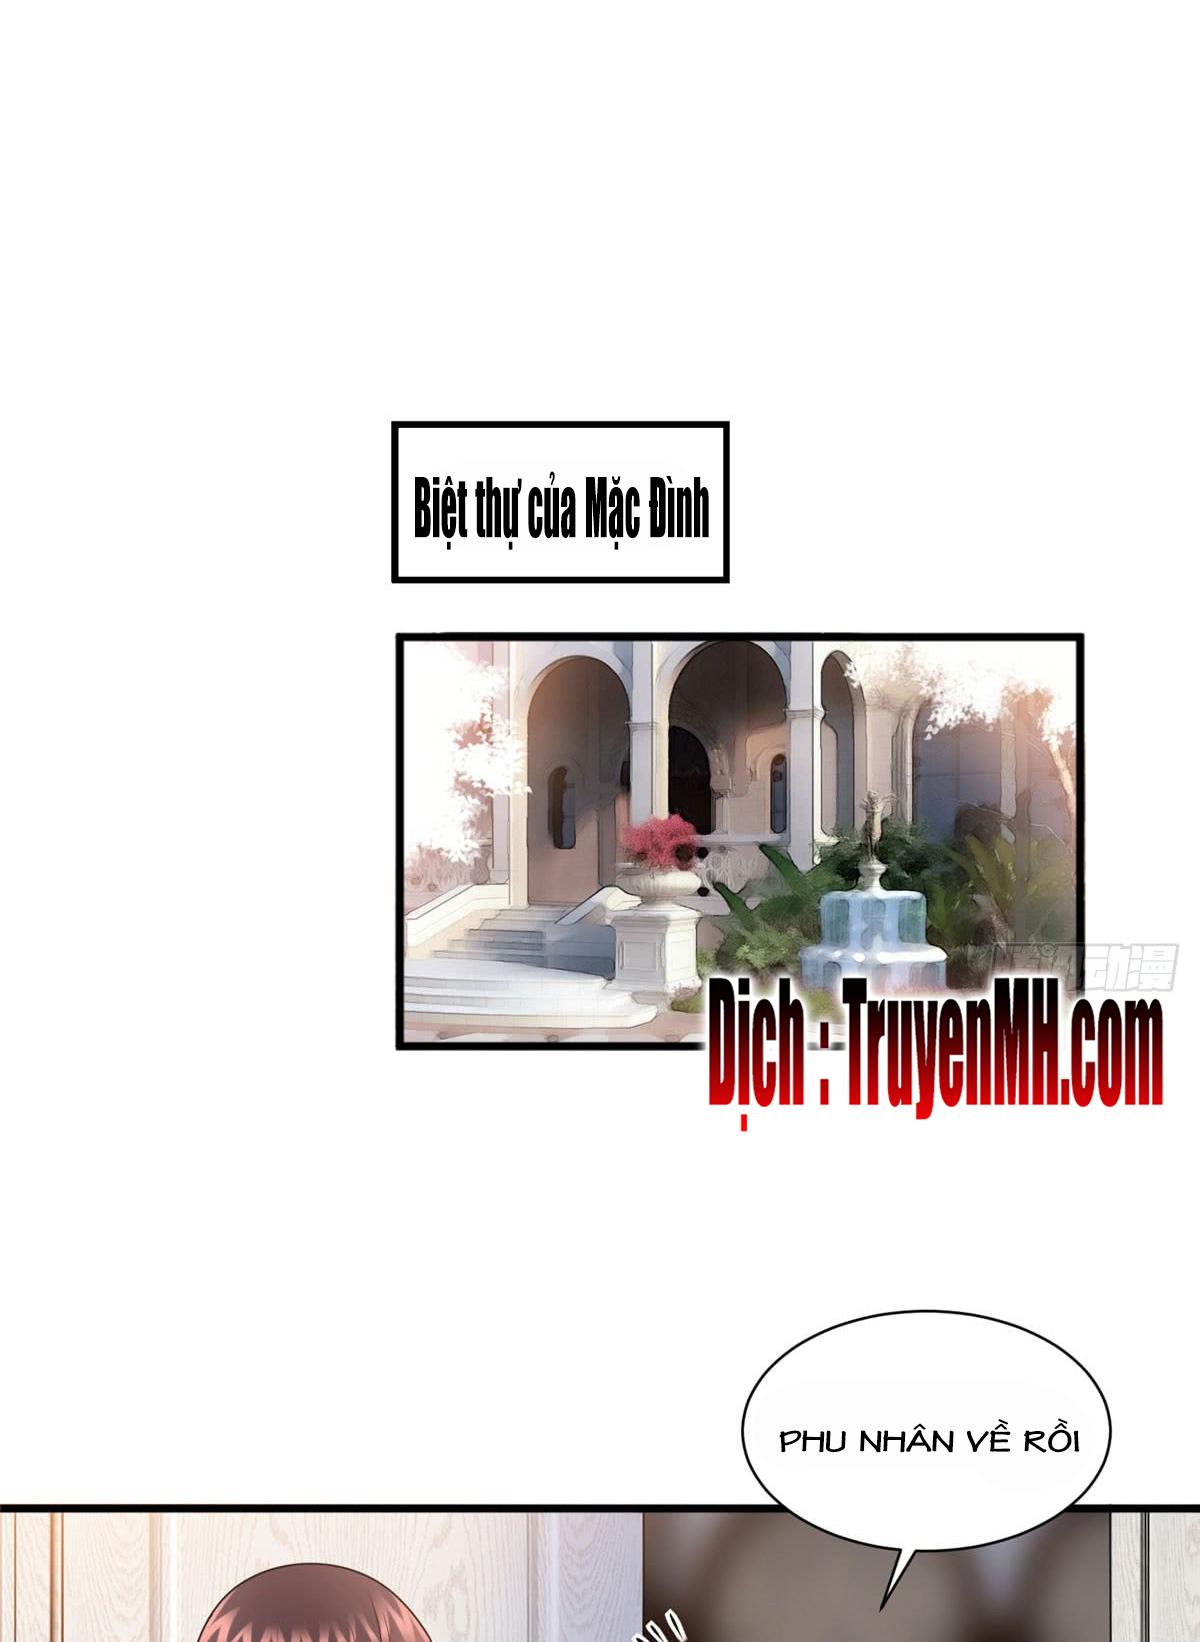 Ông Xã Kết Hôn Thử, Mạnh Thêm Chút Nữa Đi Chapter 51 - Trang 13